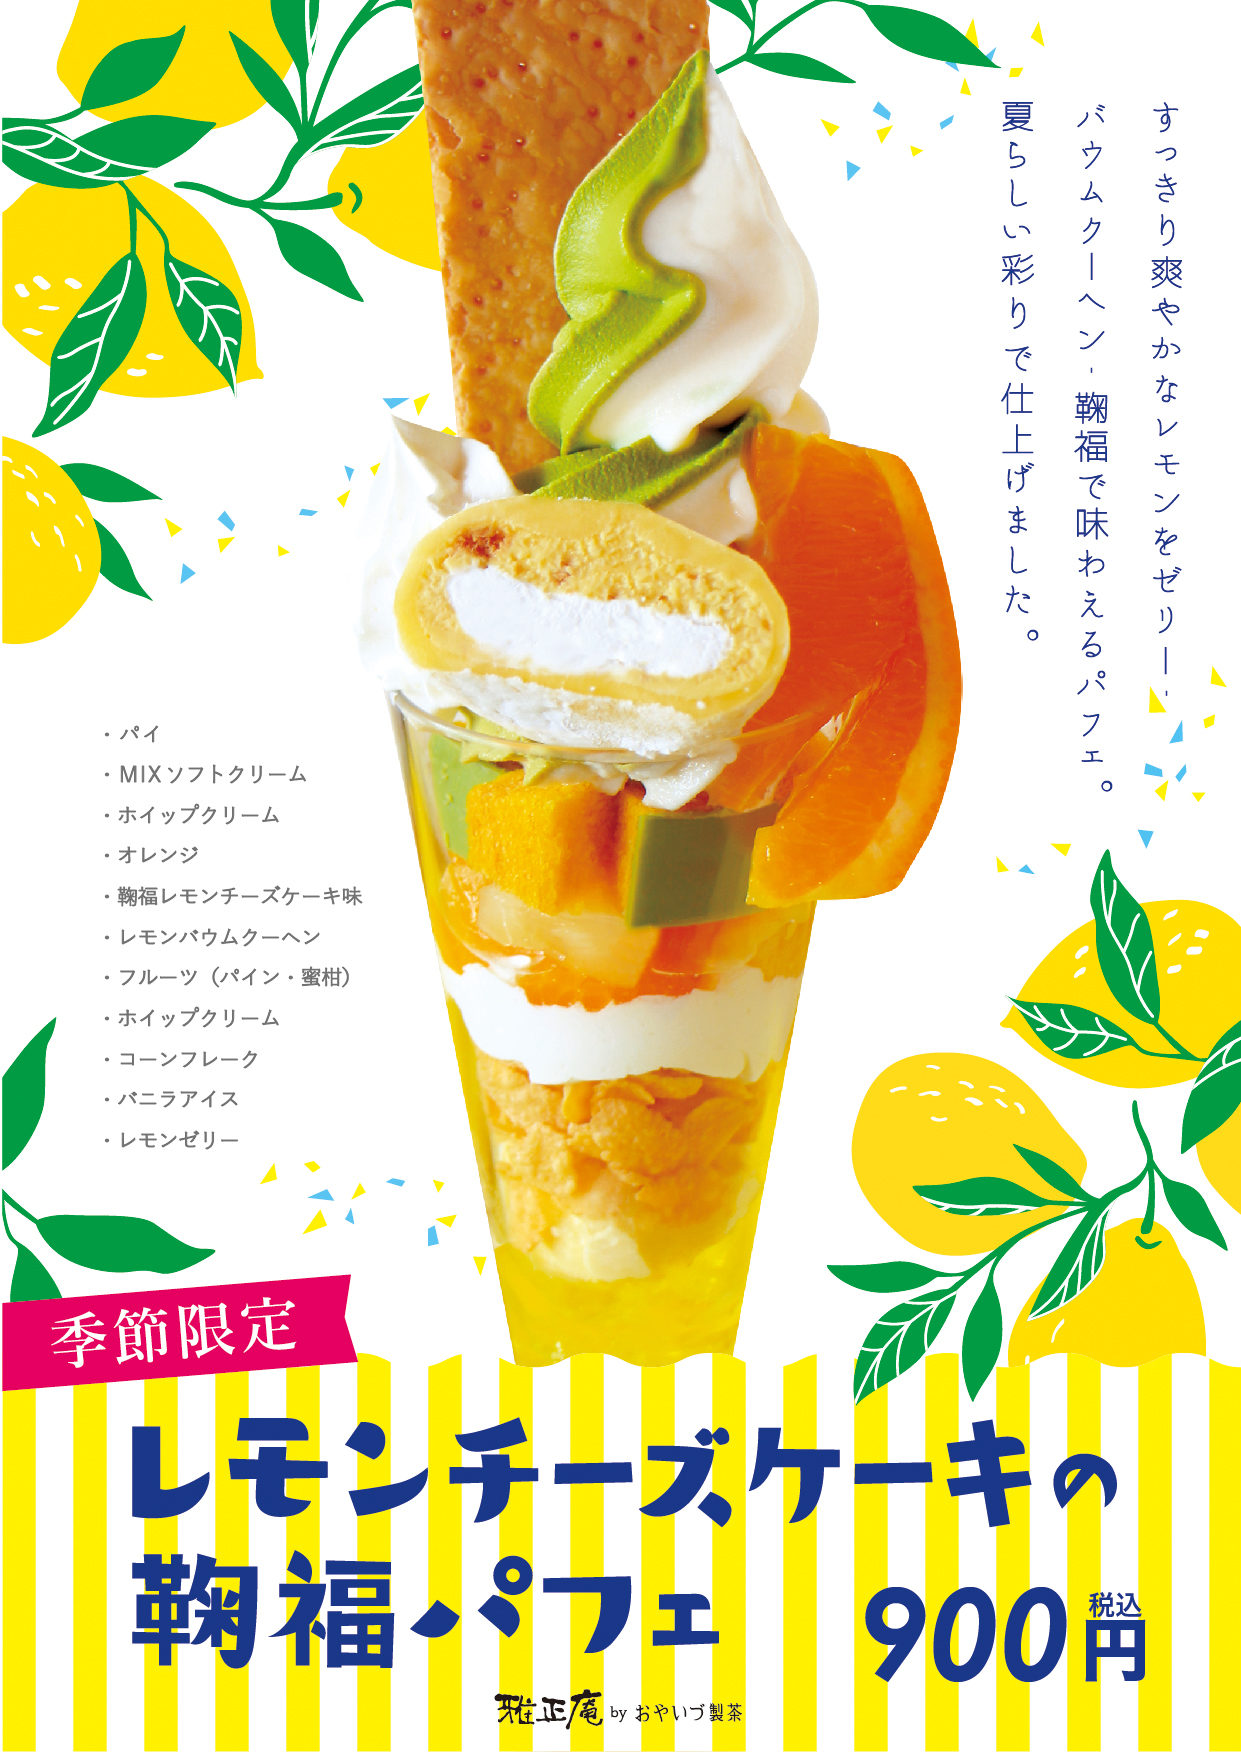 静岡雅正庵 パフェ 2020 夏 レモンチーズケーキの鞠福パフェ